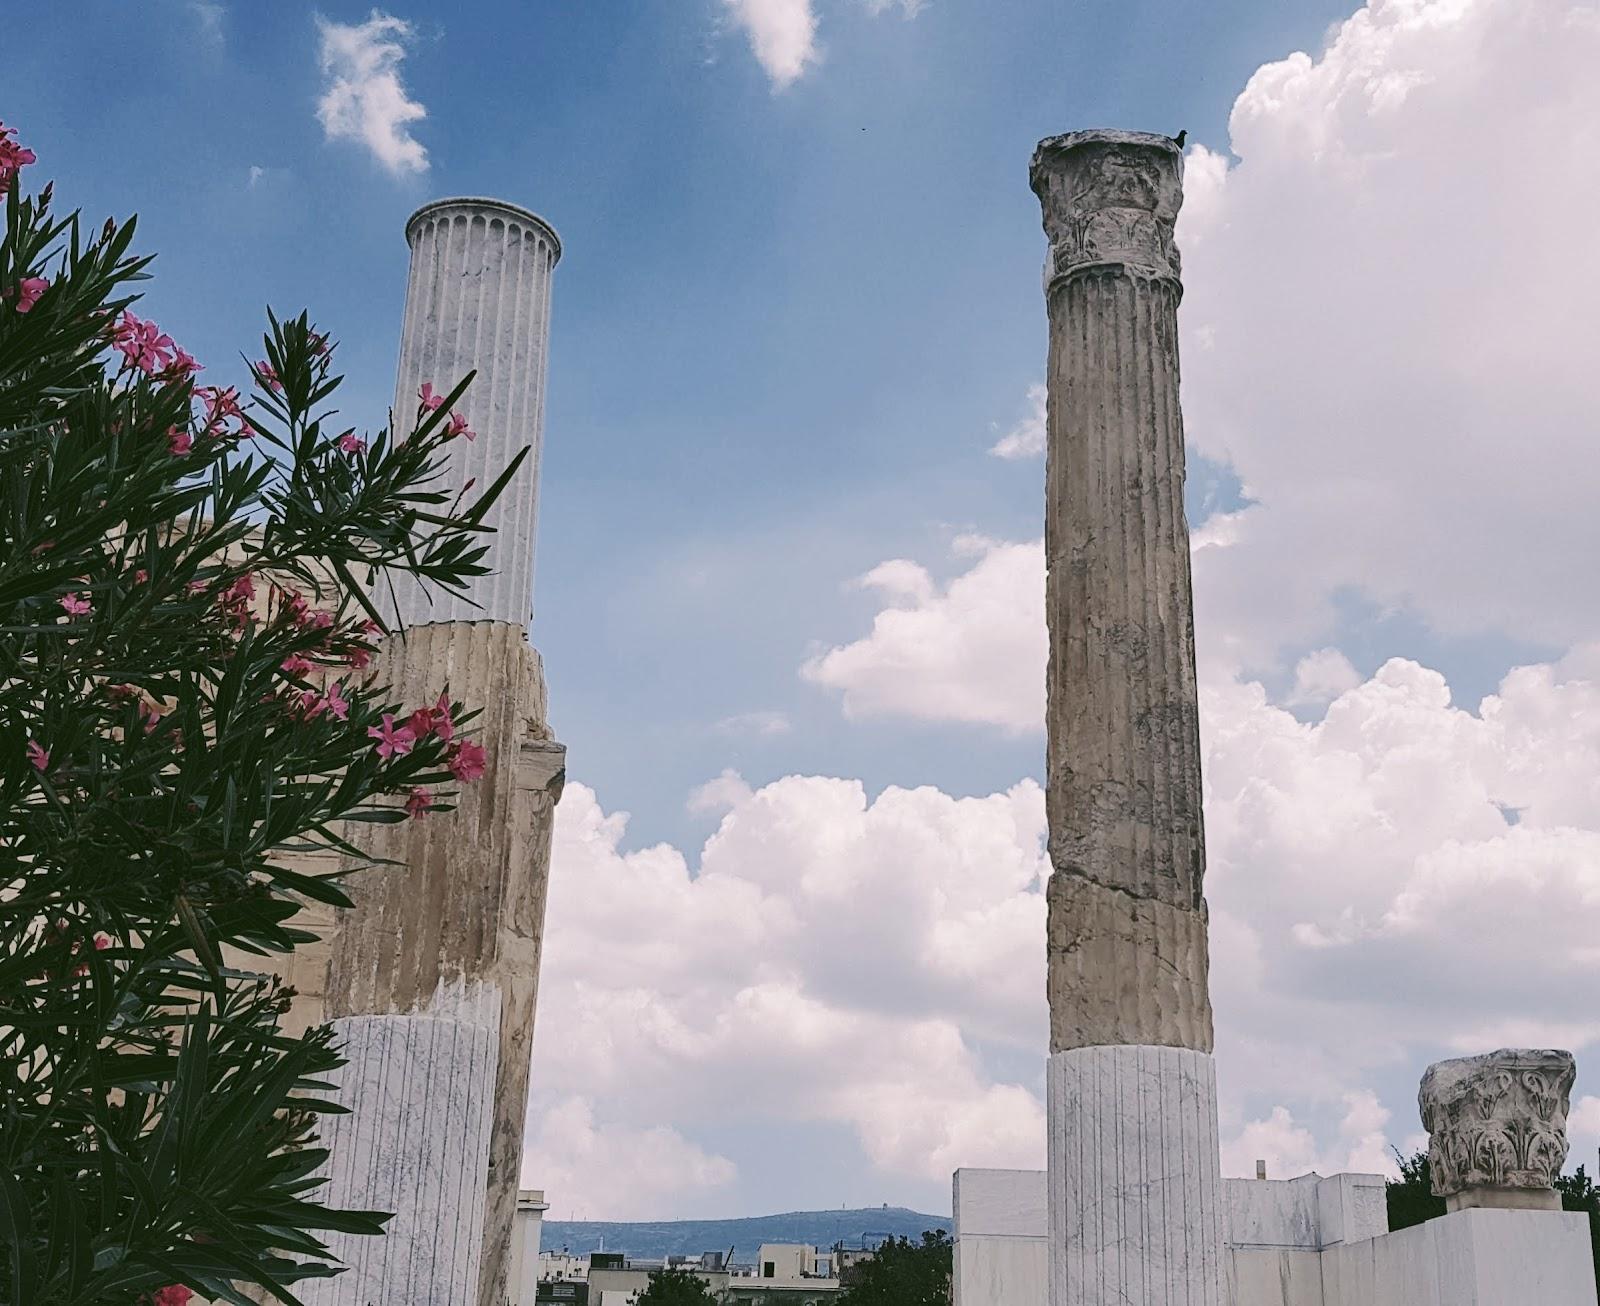 איי יוון אוכל יווני המלצות אטרקציות למטייל טיול משפחה זוגות לאן לטוס אחרי הקורונה מדינות ירוקות אתונה